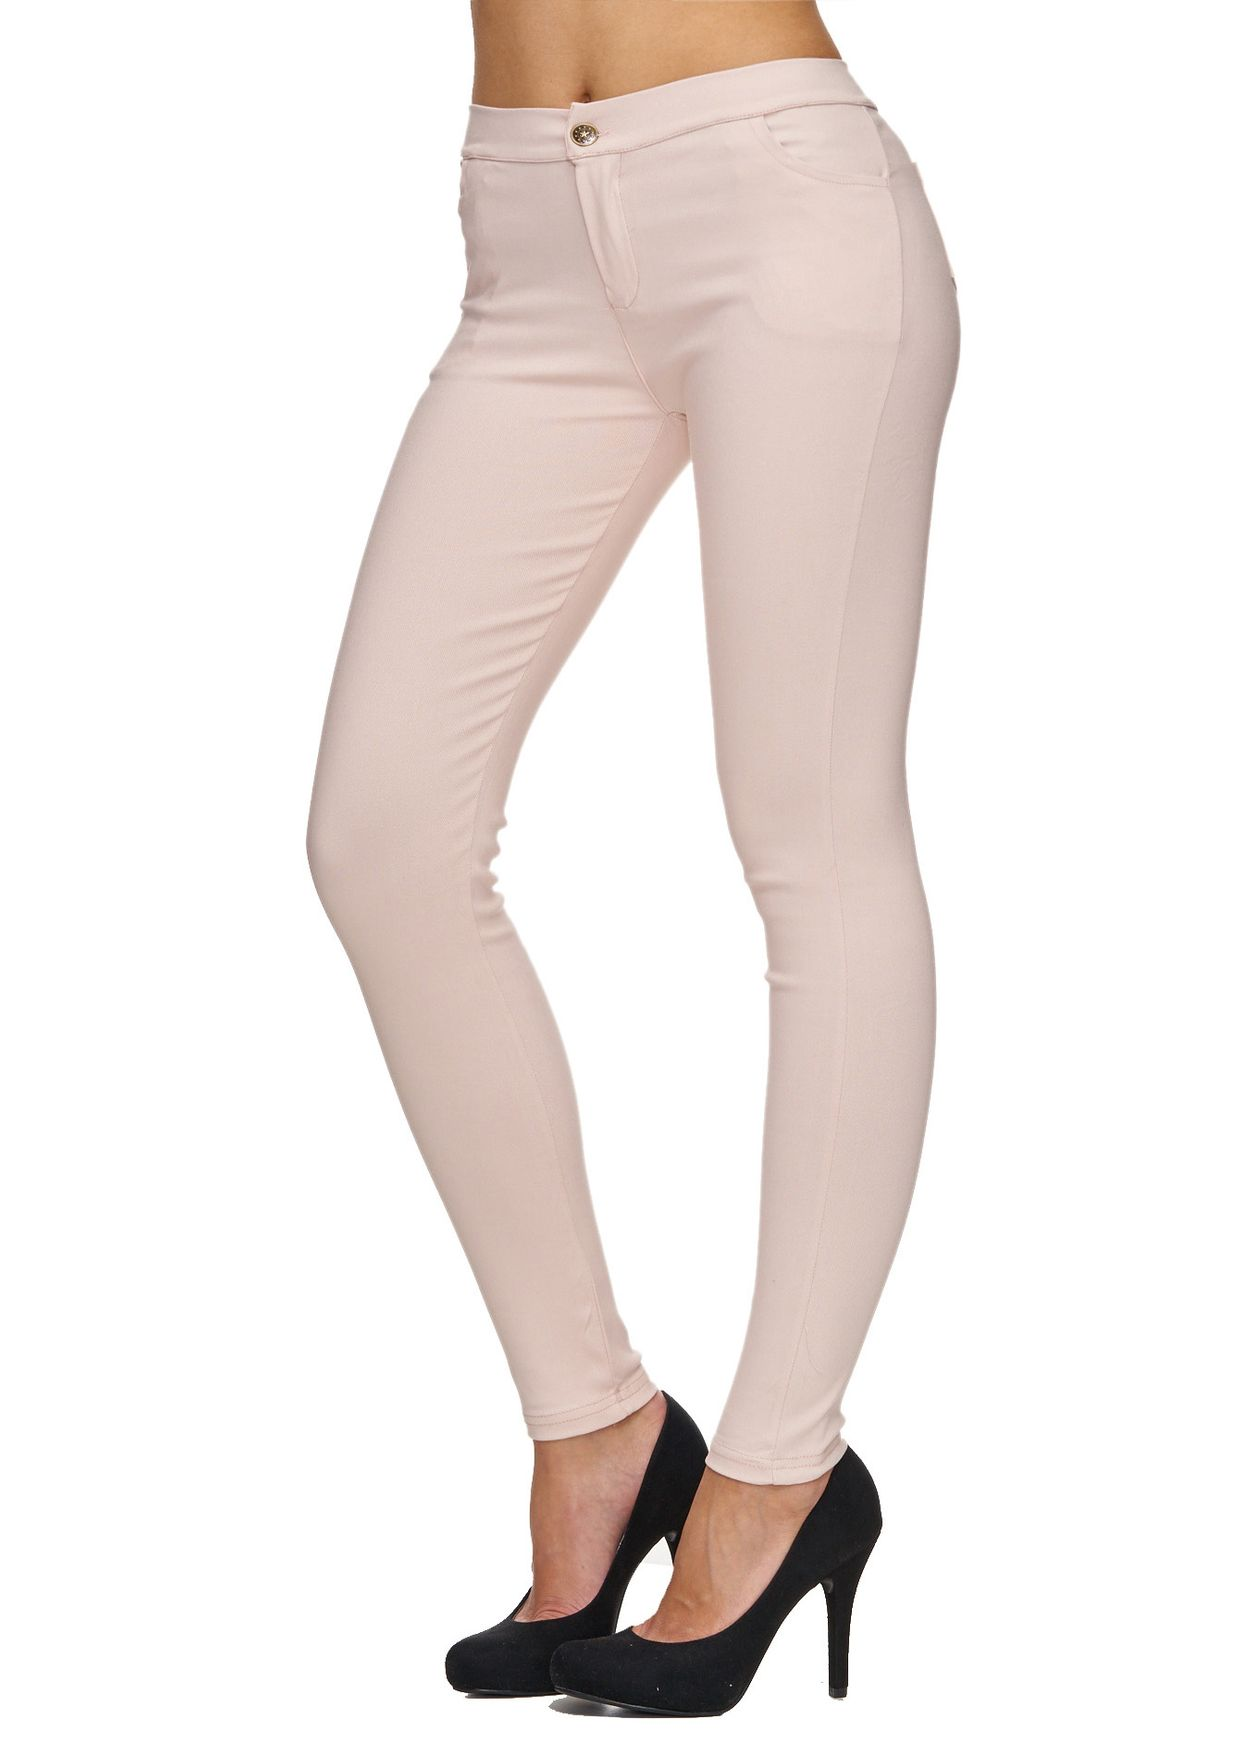 c3b4236efe Delgado mujeres cintura alta pantalones vaqueros talle alto jeans ajustados